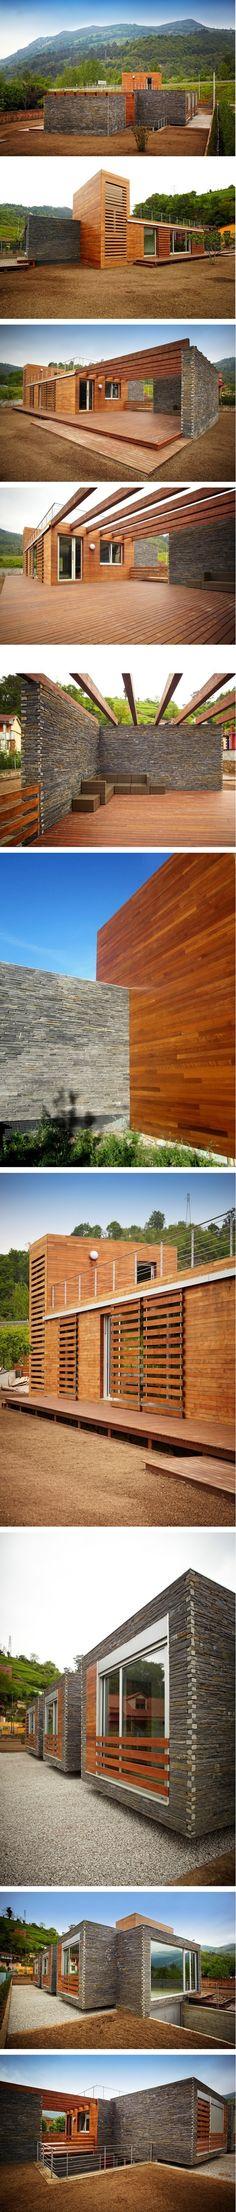 넓은 테라스와 효율적인 공간의 목조주택 - Daum 부동산 커뮤니티